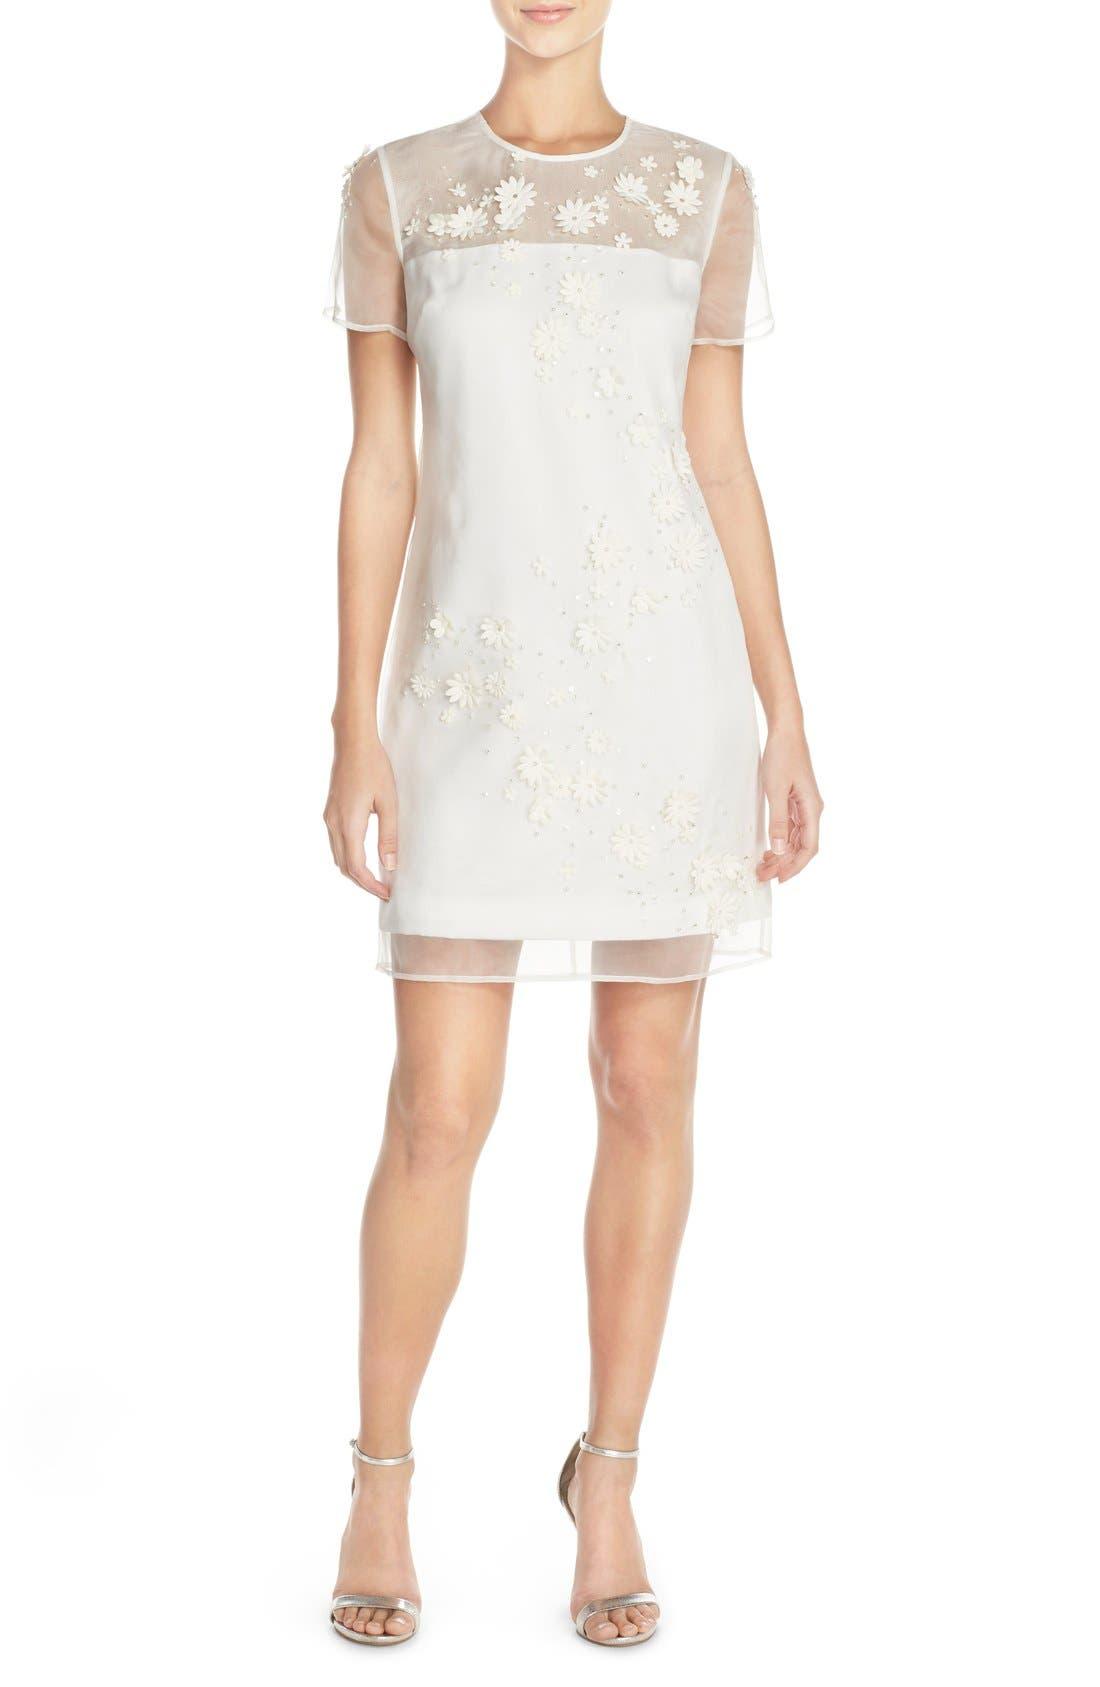 TED BAKER LONDON 'Findon' Embellished Silk Organza Dress